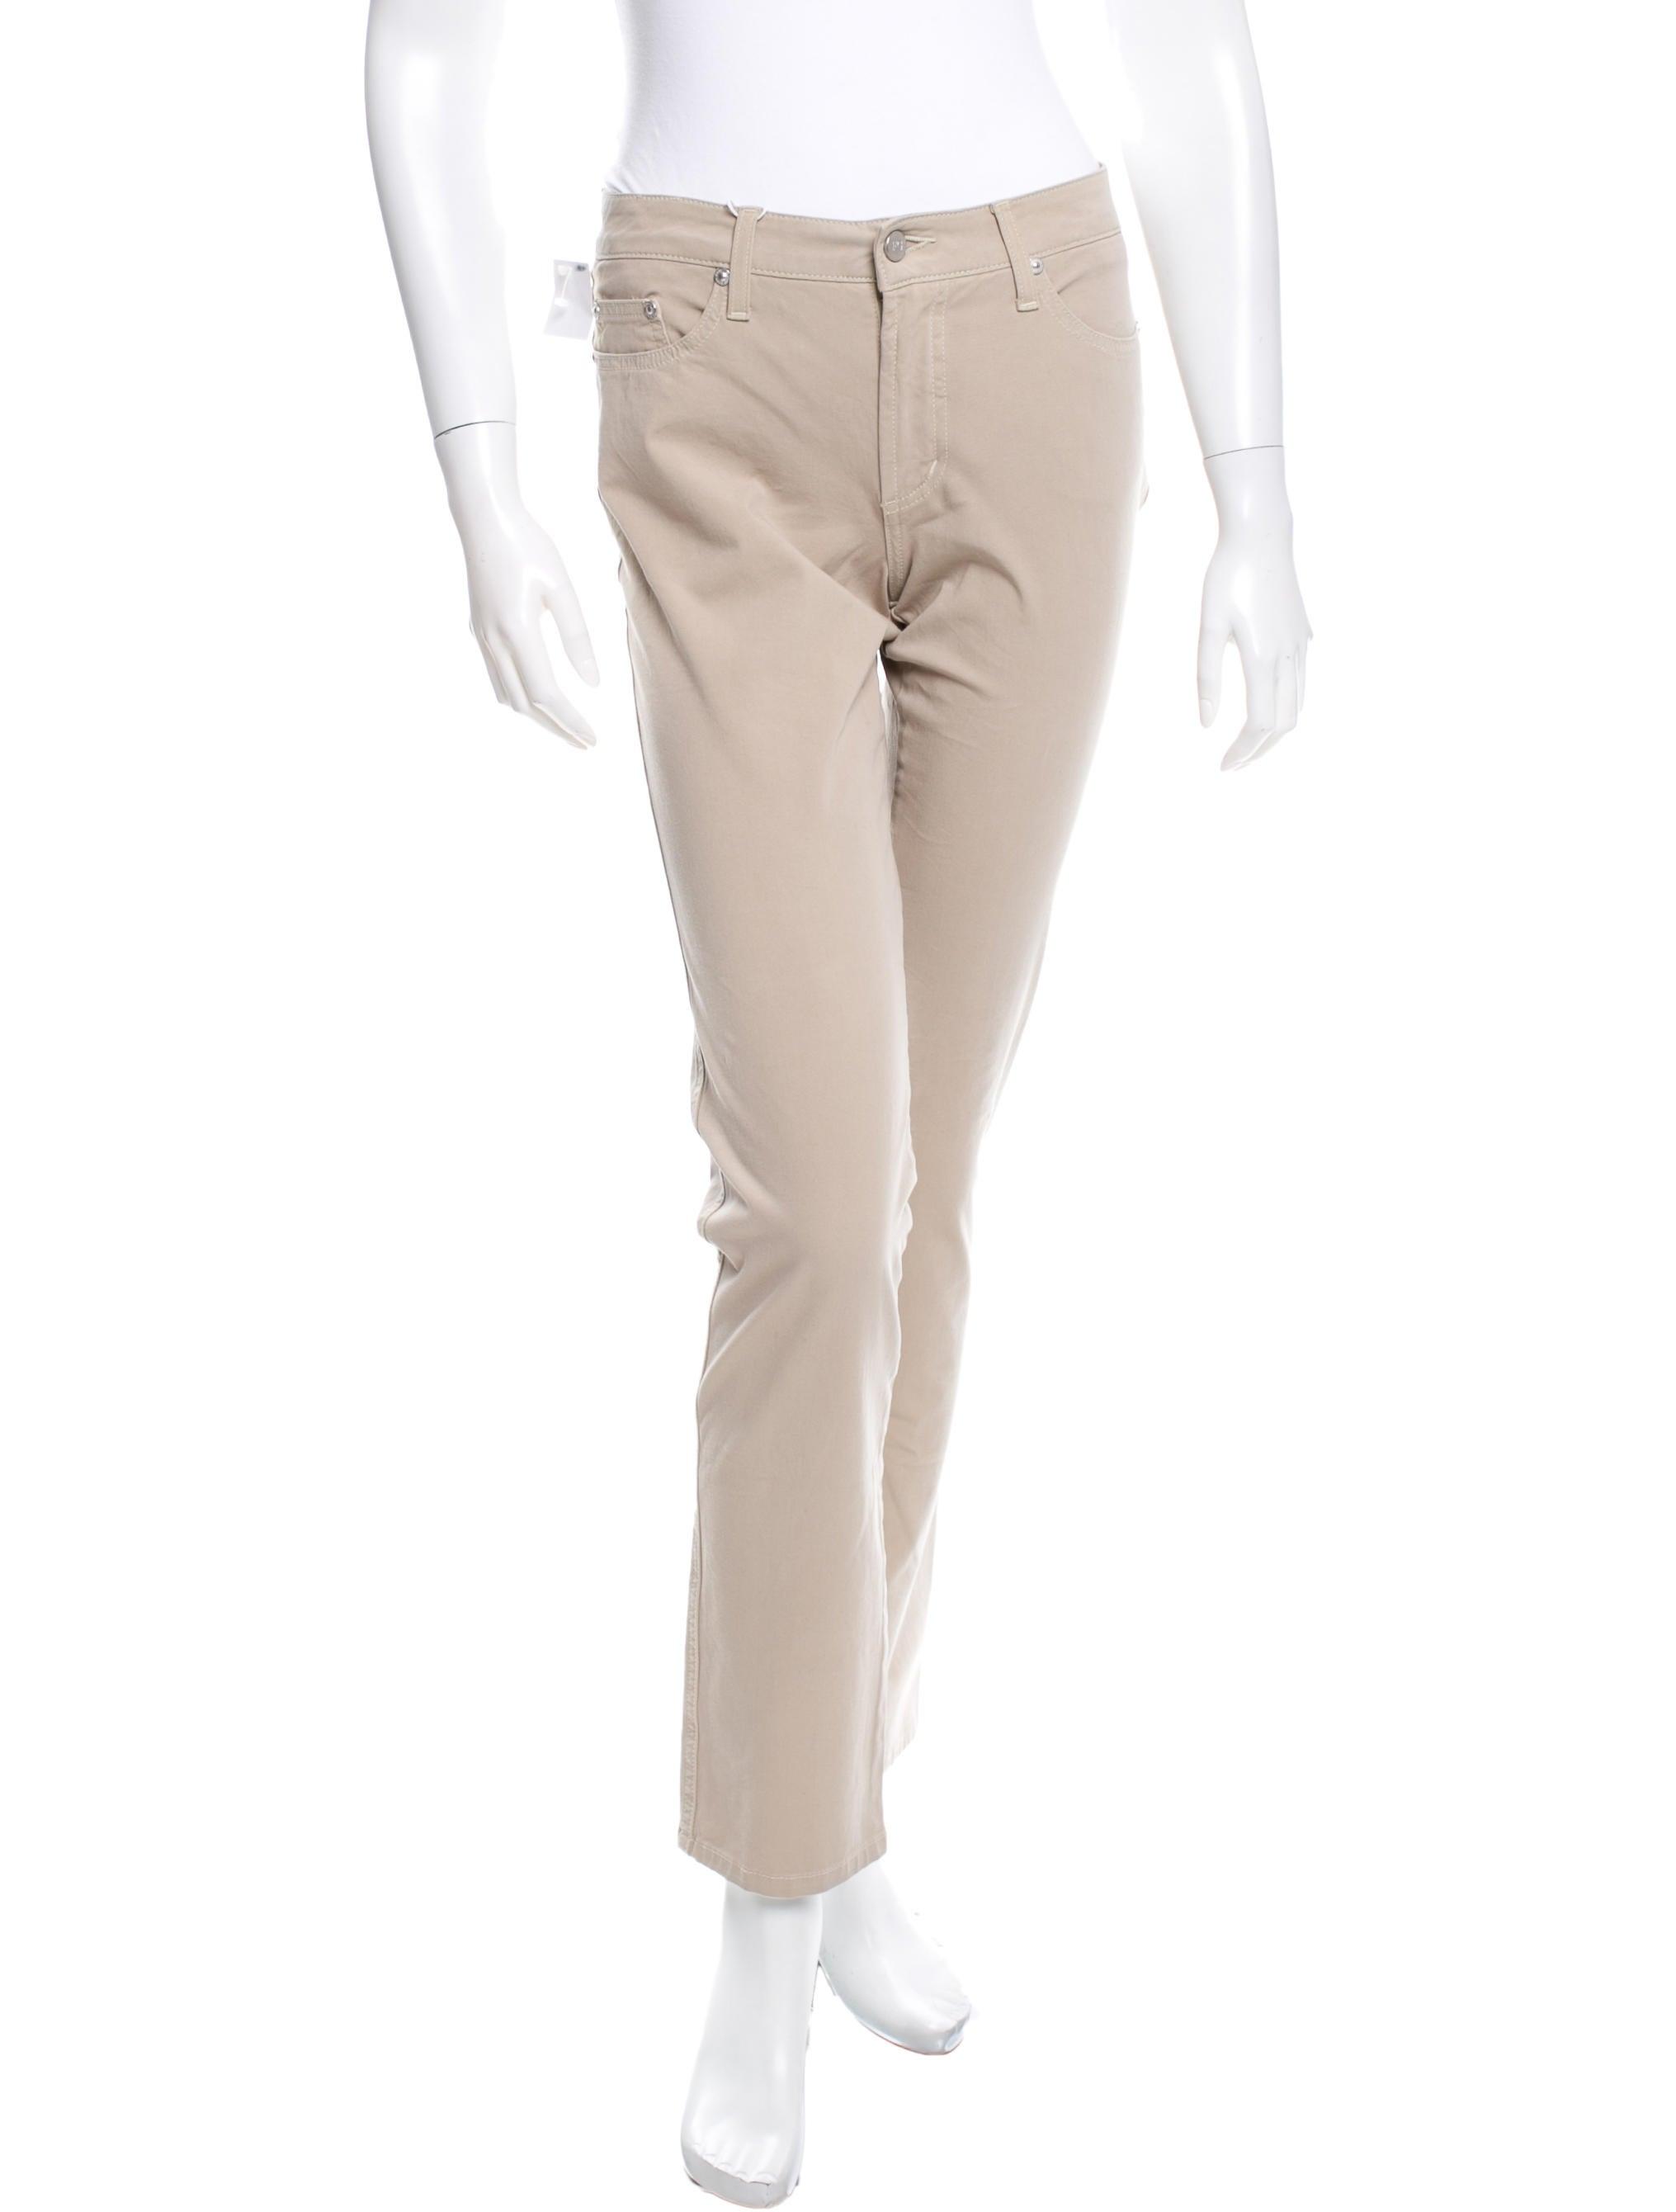 Fantastic Khaki Straight Leg Pants For Women In White